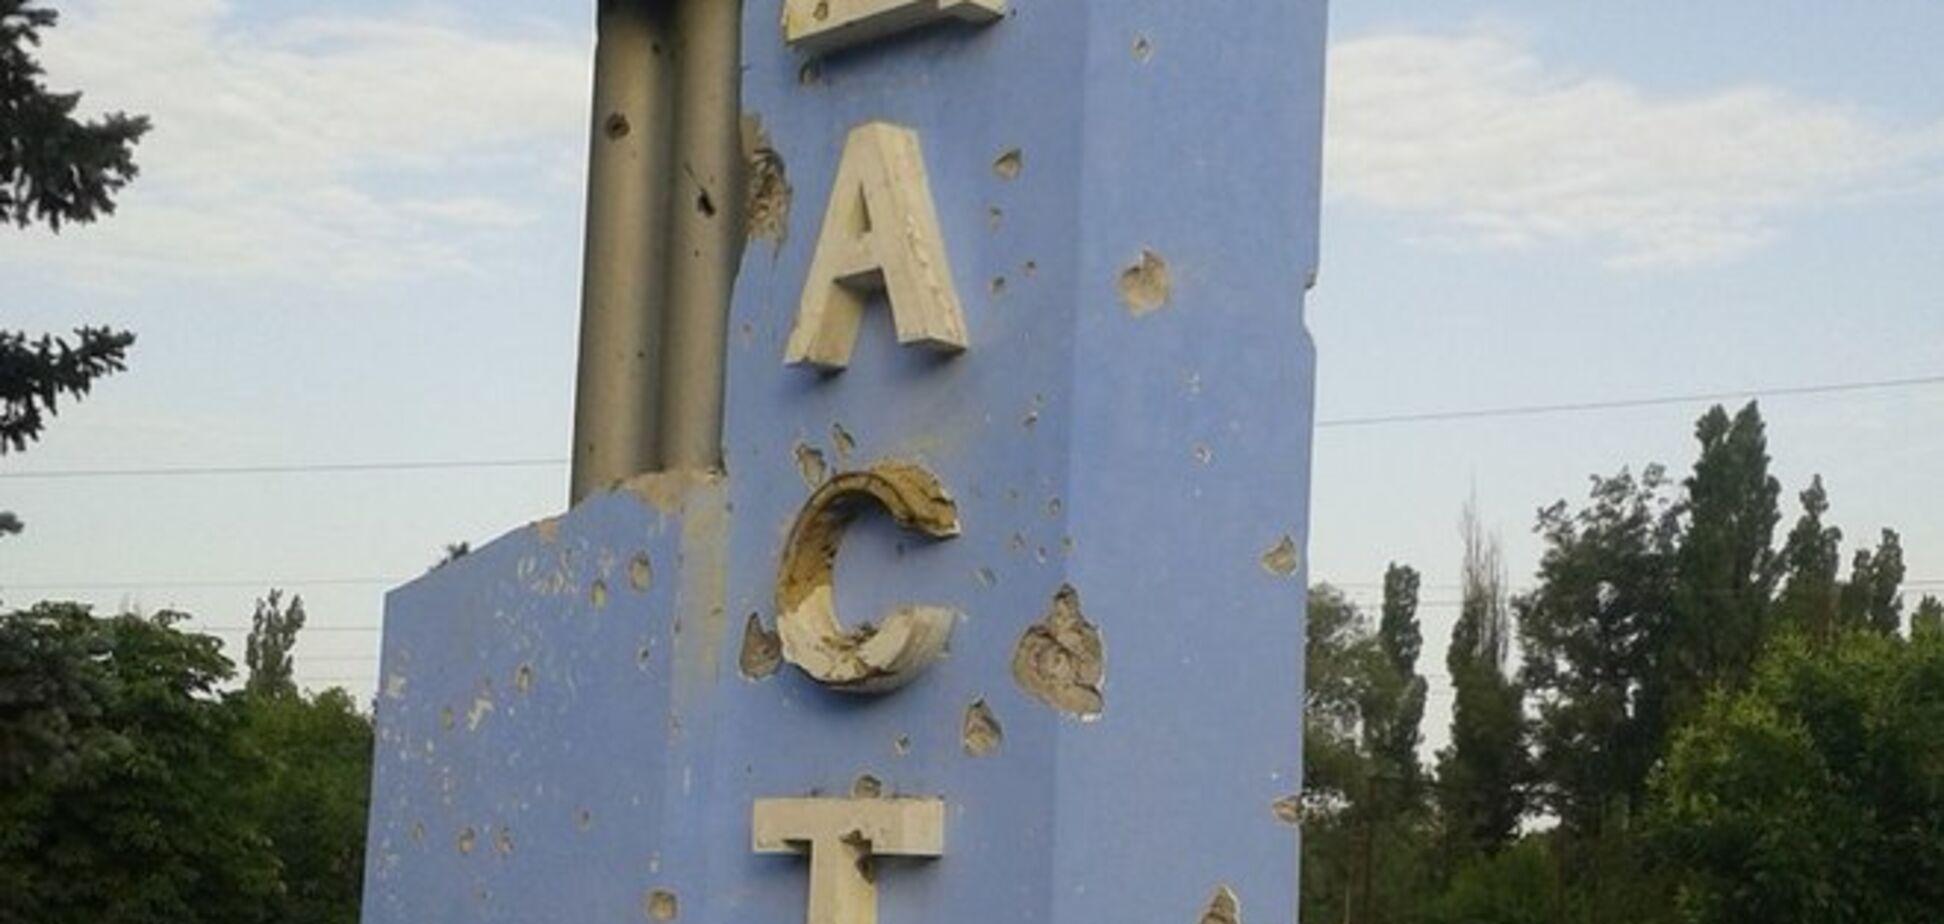 За минувшие сутки погибли более 10 украинских военнослужащих - источник